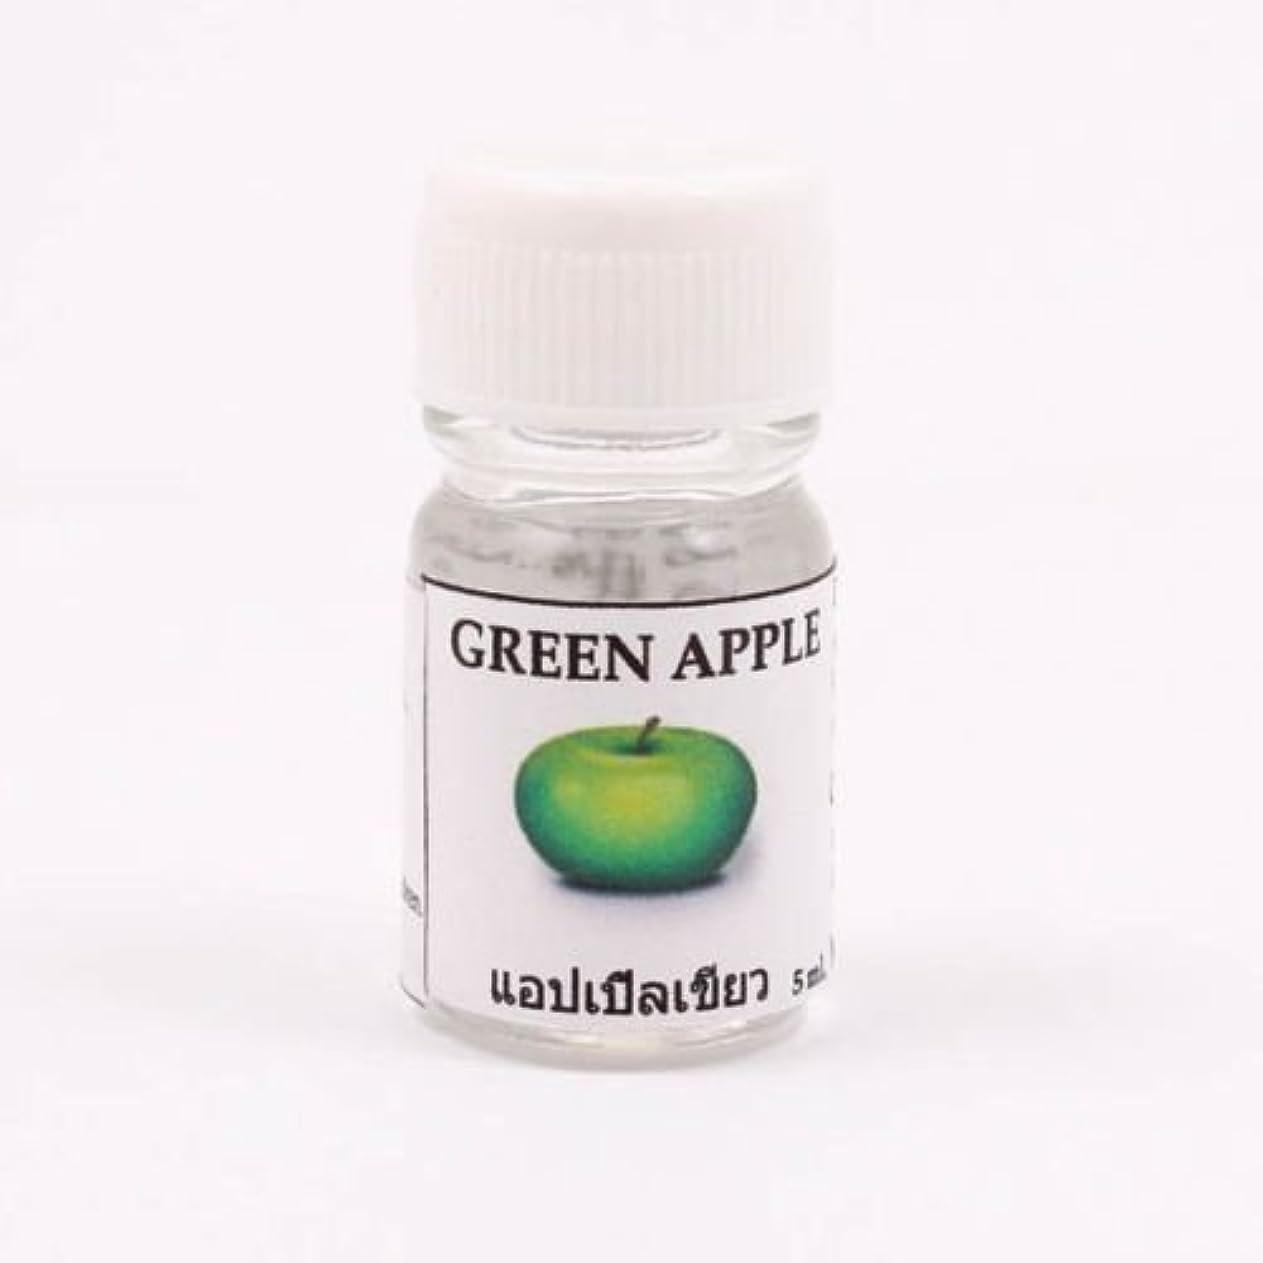 に同意するめ言葉いう6X Green Apple Aroma Fragrance Essential Oil 5ML Diffuser Burner Therapy